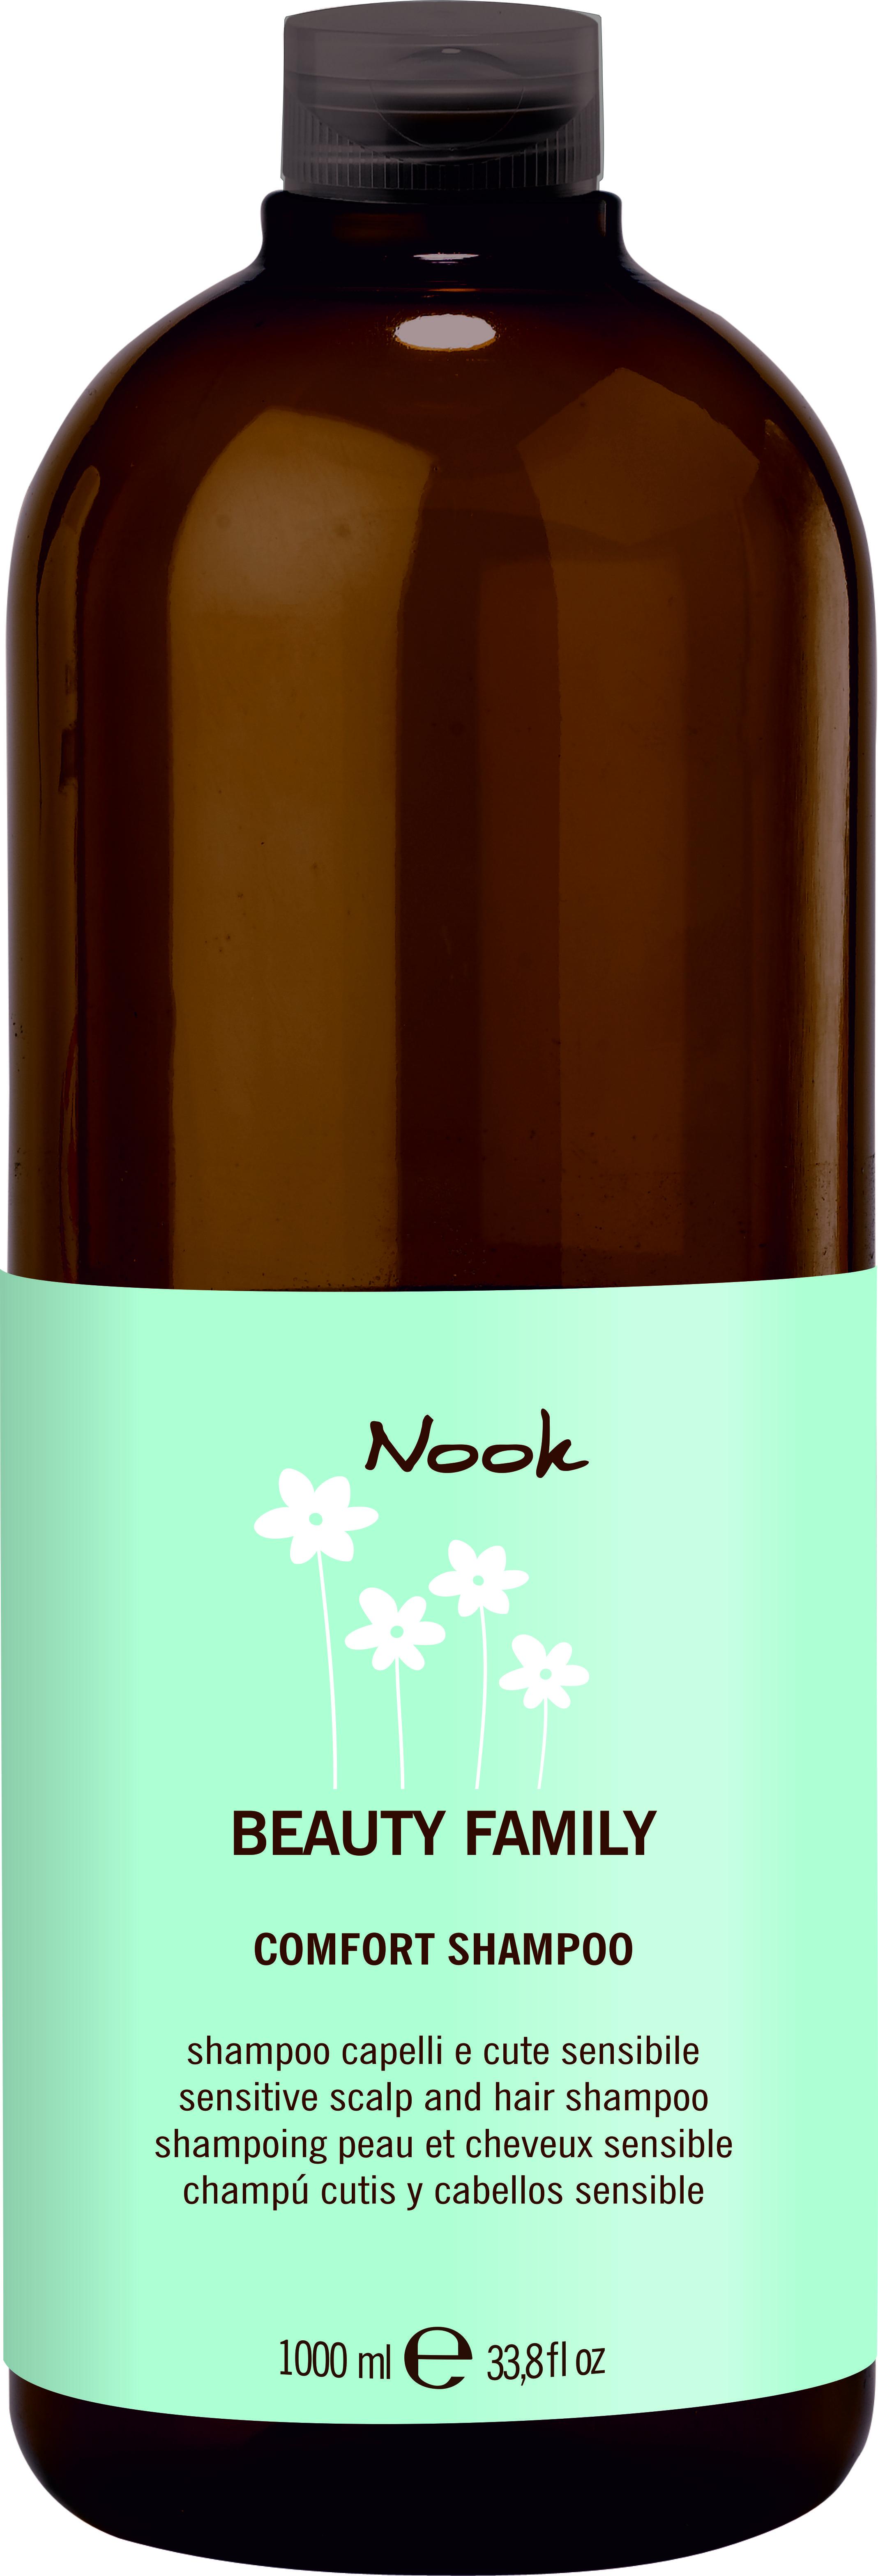 цена NOOK Шампунь для нормальных волос Ph 5,5 / Comfort Shampoo BEAUTY FAMILY 1000 мл